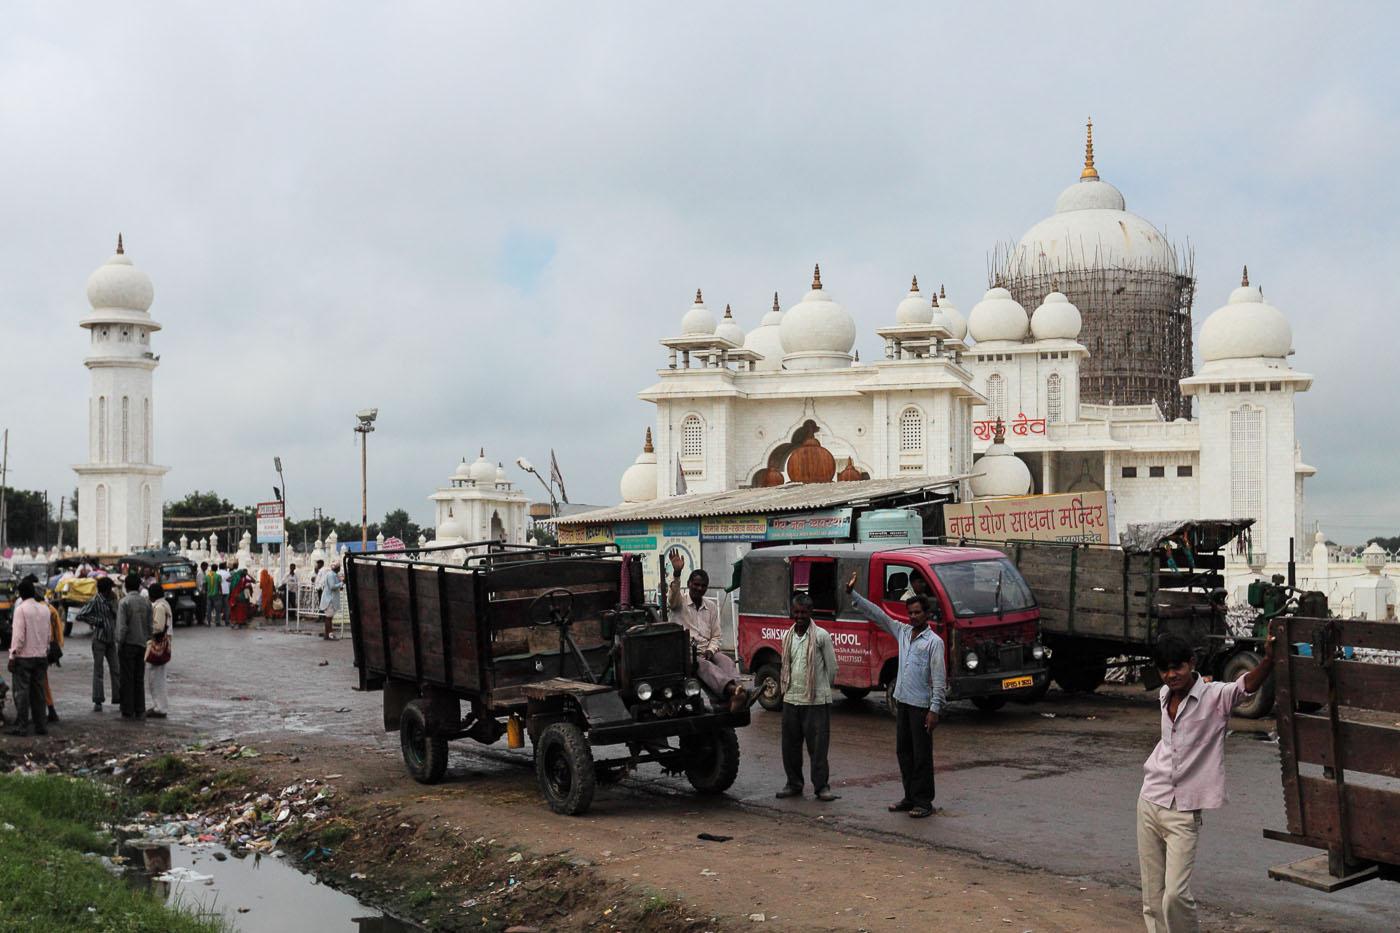 Фотография 16. Индия встречает вас радушием и гостеприимством.